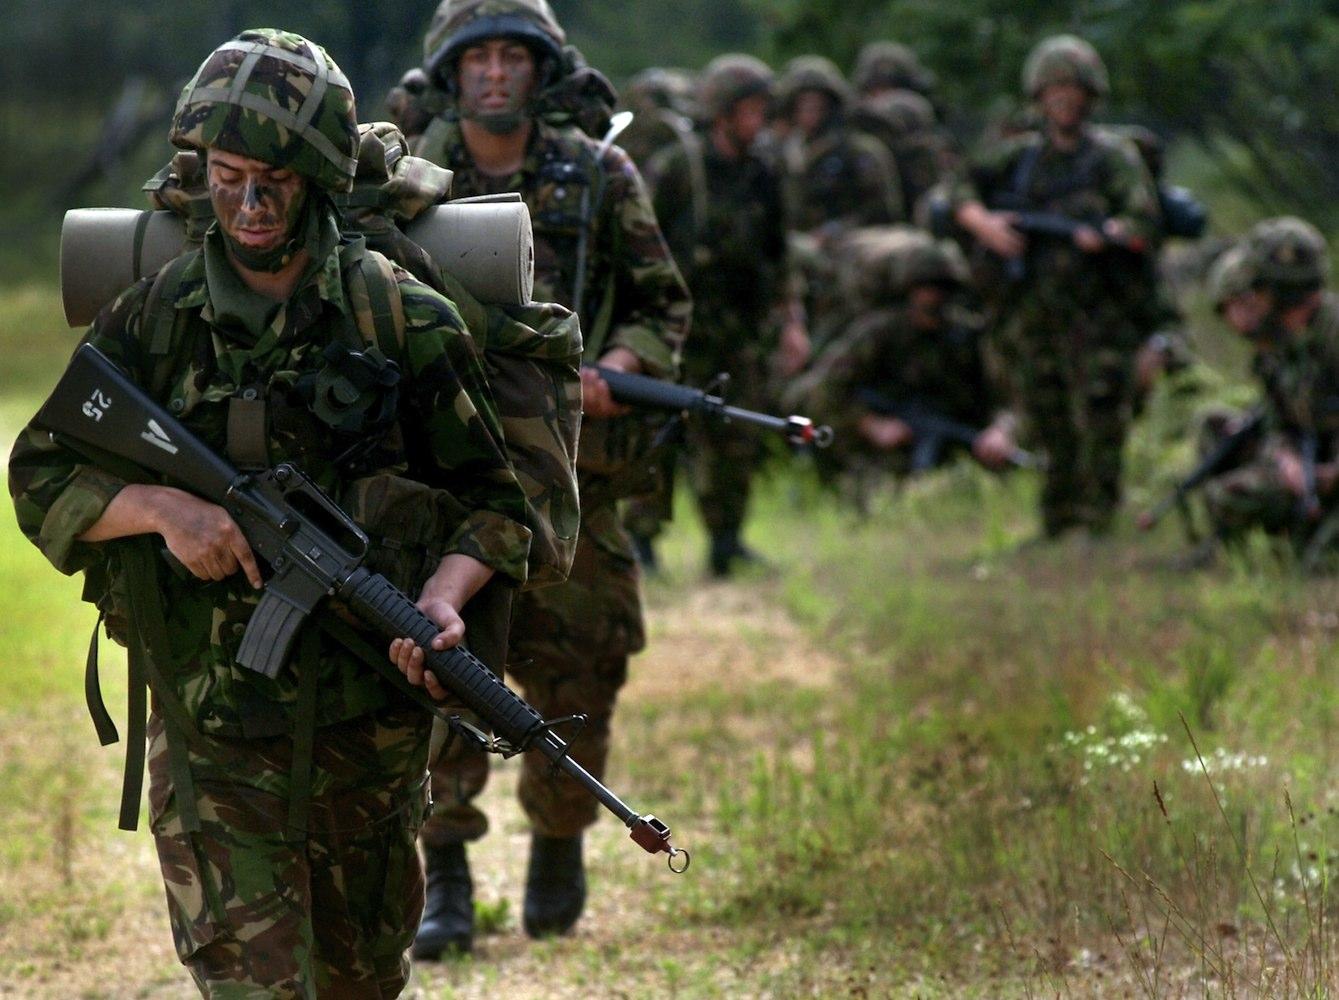 Bedelli askerlik başvuruları için MSB tarafından kılavuz yayımlandı